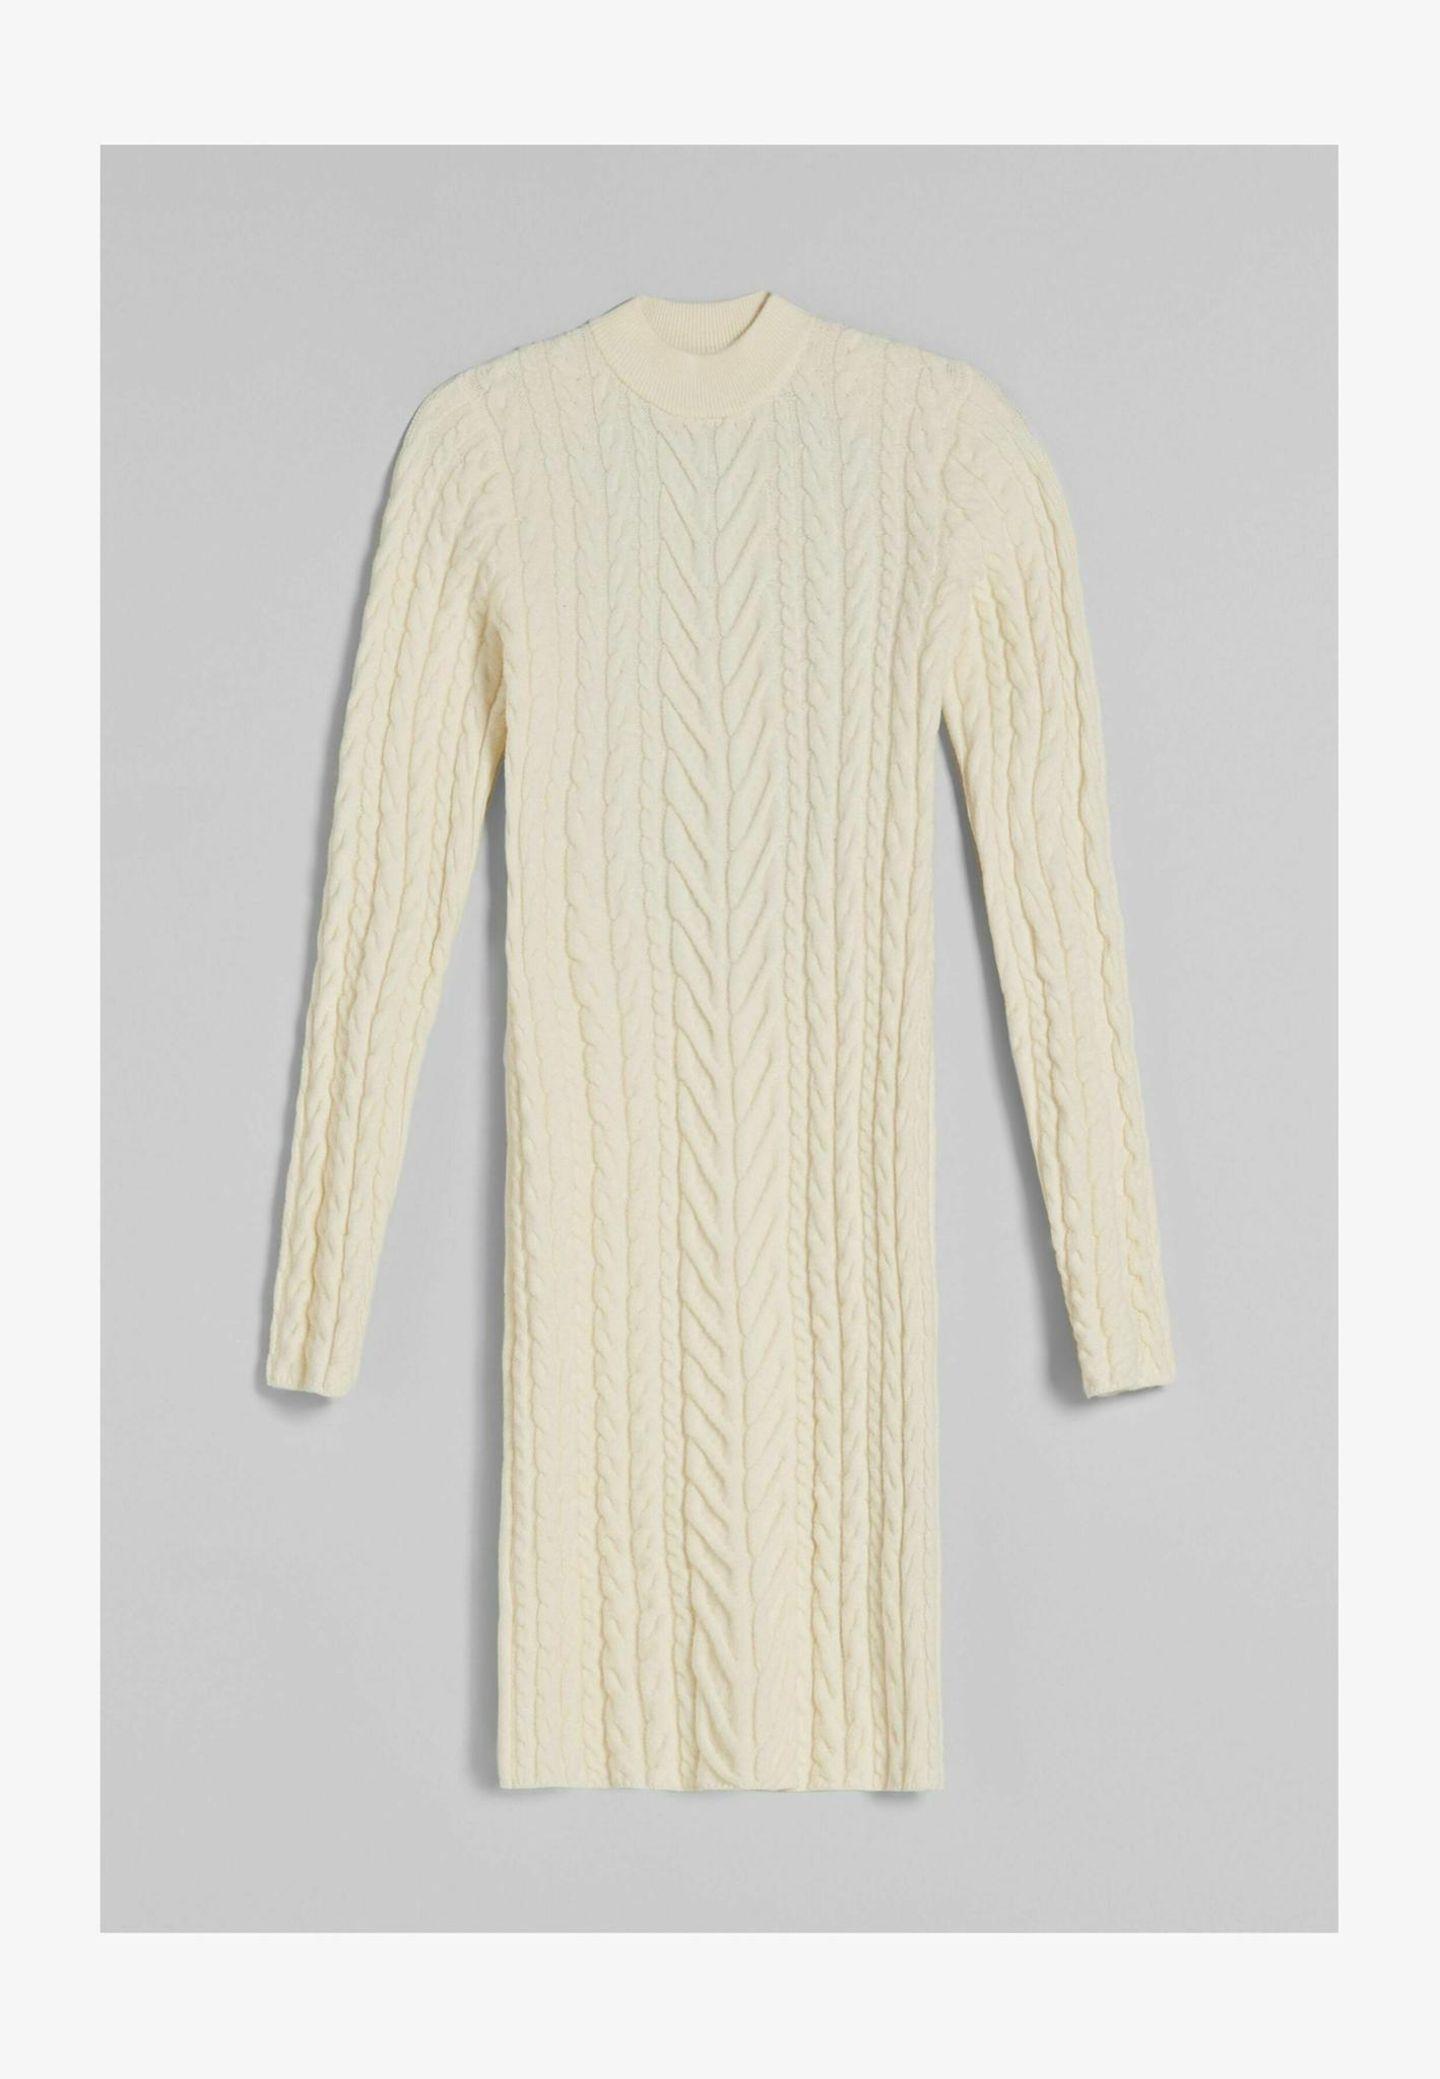 Dieses Strickkleid mit Zopfmuster sieht auf den ersten Blick recht basic aus. Wartet, bis ihr den Rückenausschnitt gesehen habt! Dadurch wird es richtig besonders. Von Bershka, rund 30 Euro.